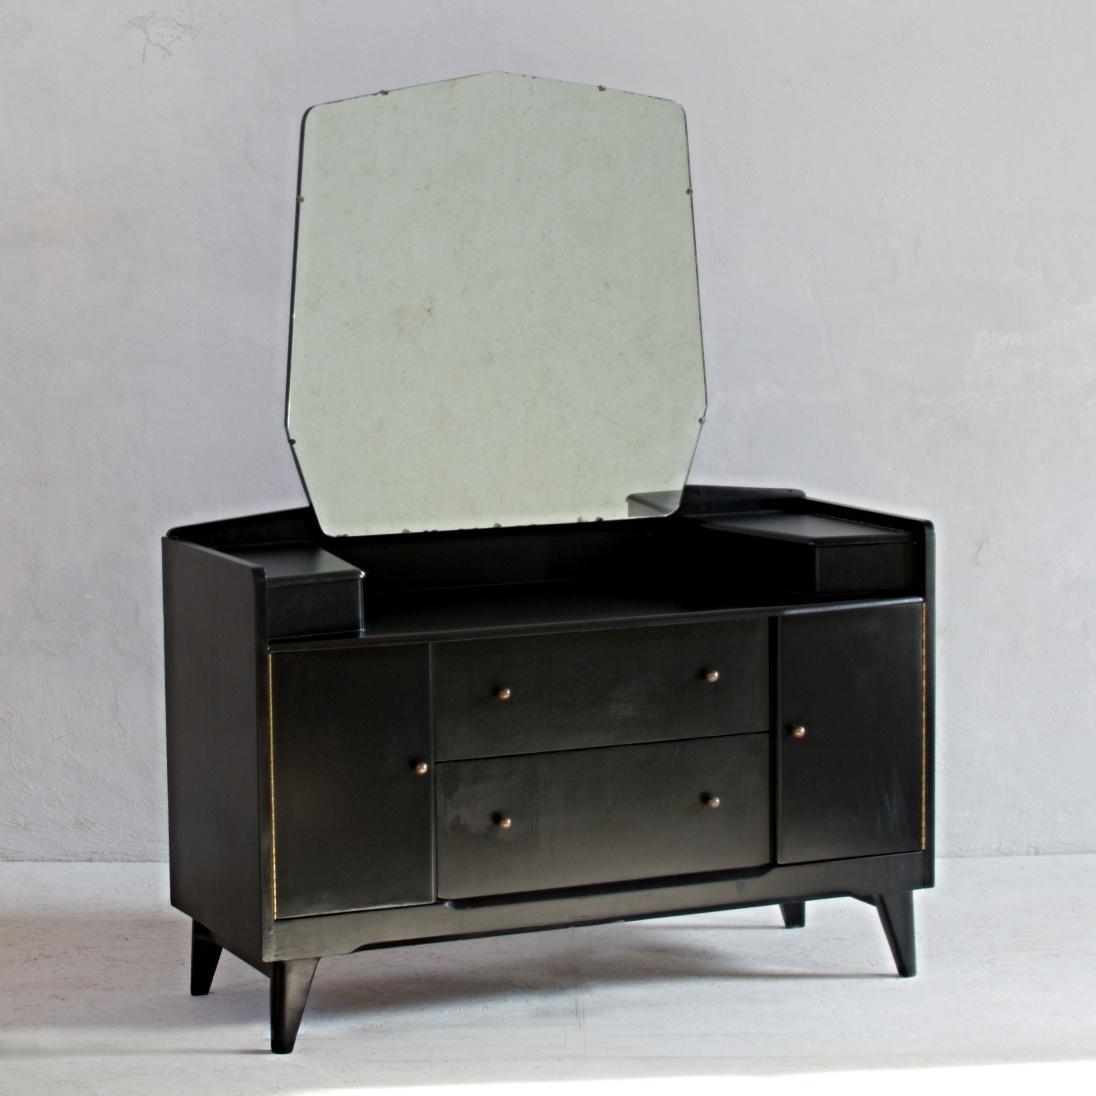 Nápaditá černá anglická toaletka z 50. let s praktickými vyklápěcími úložnými prostory